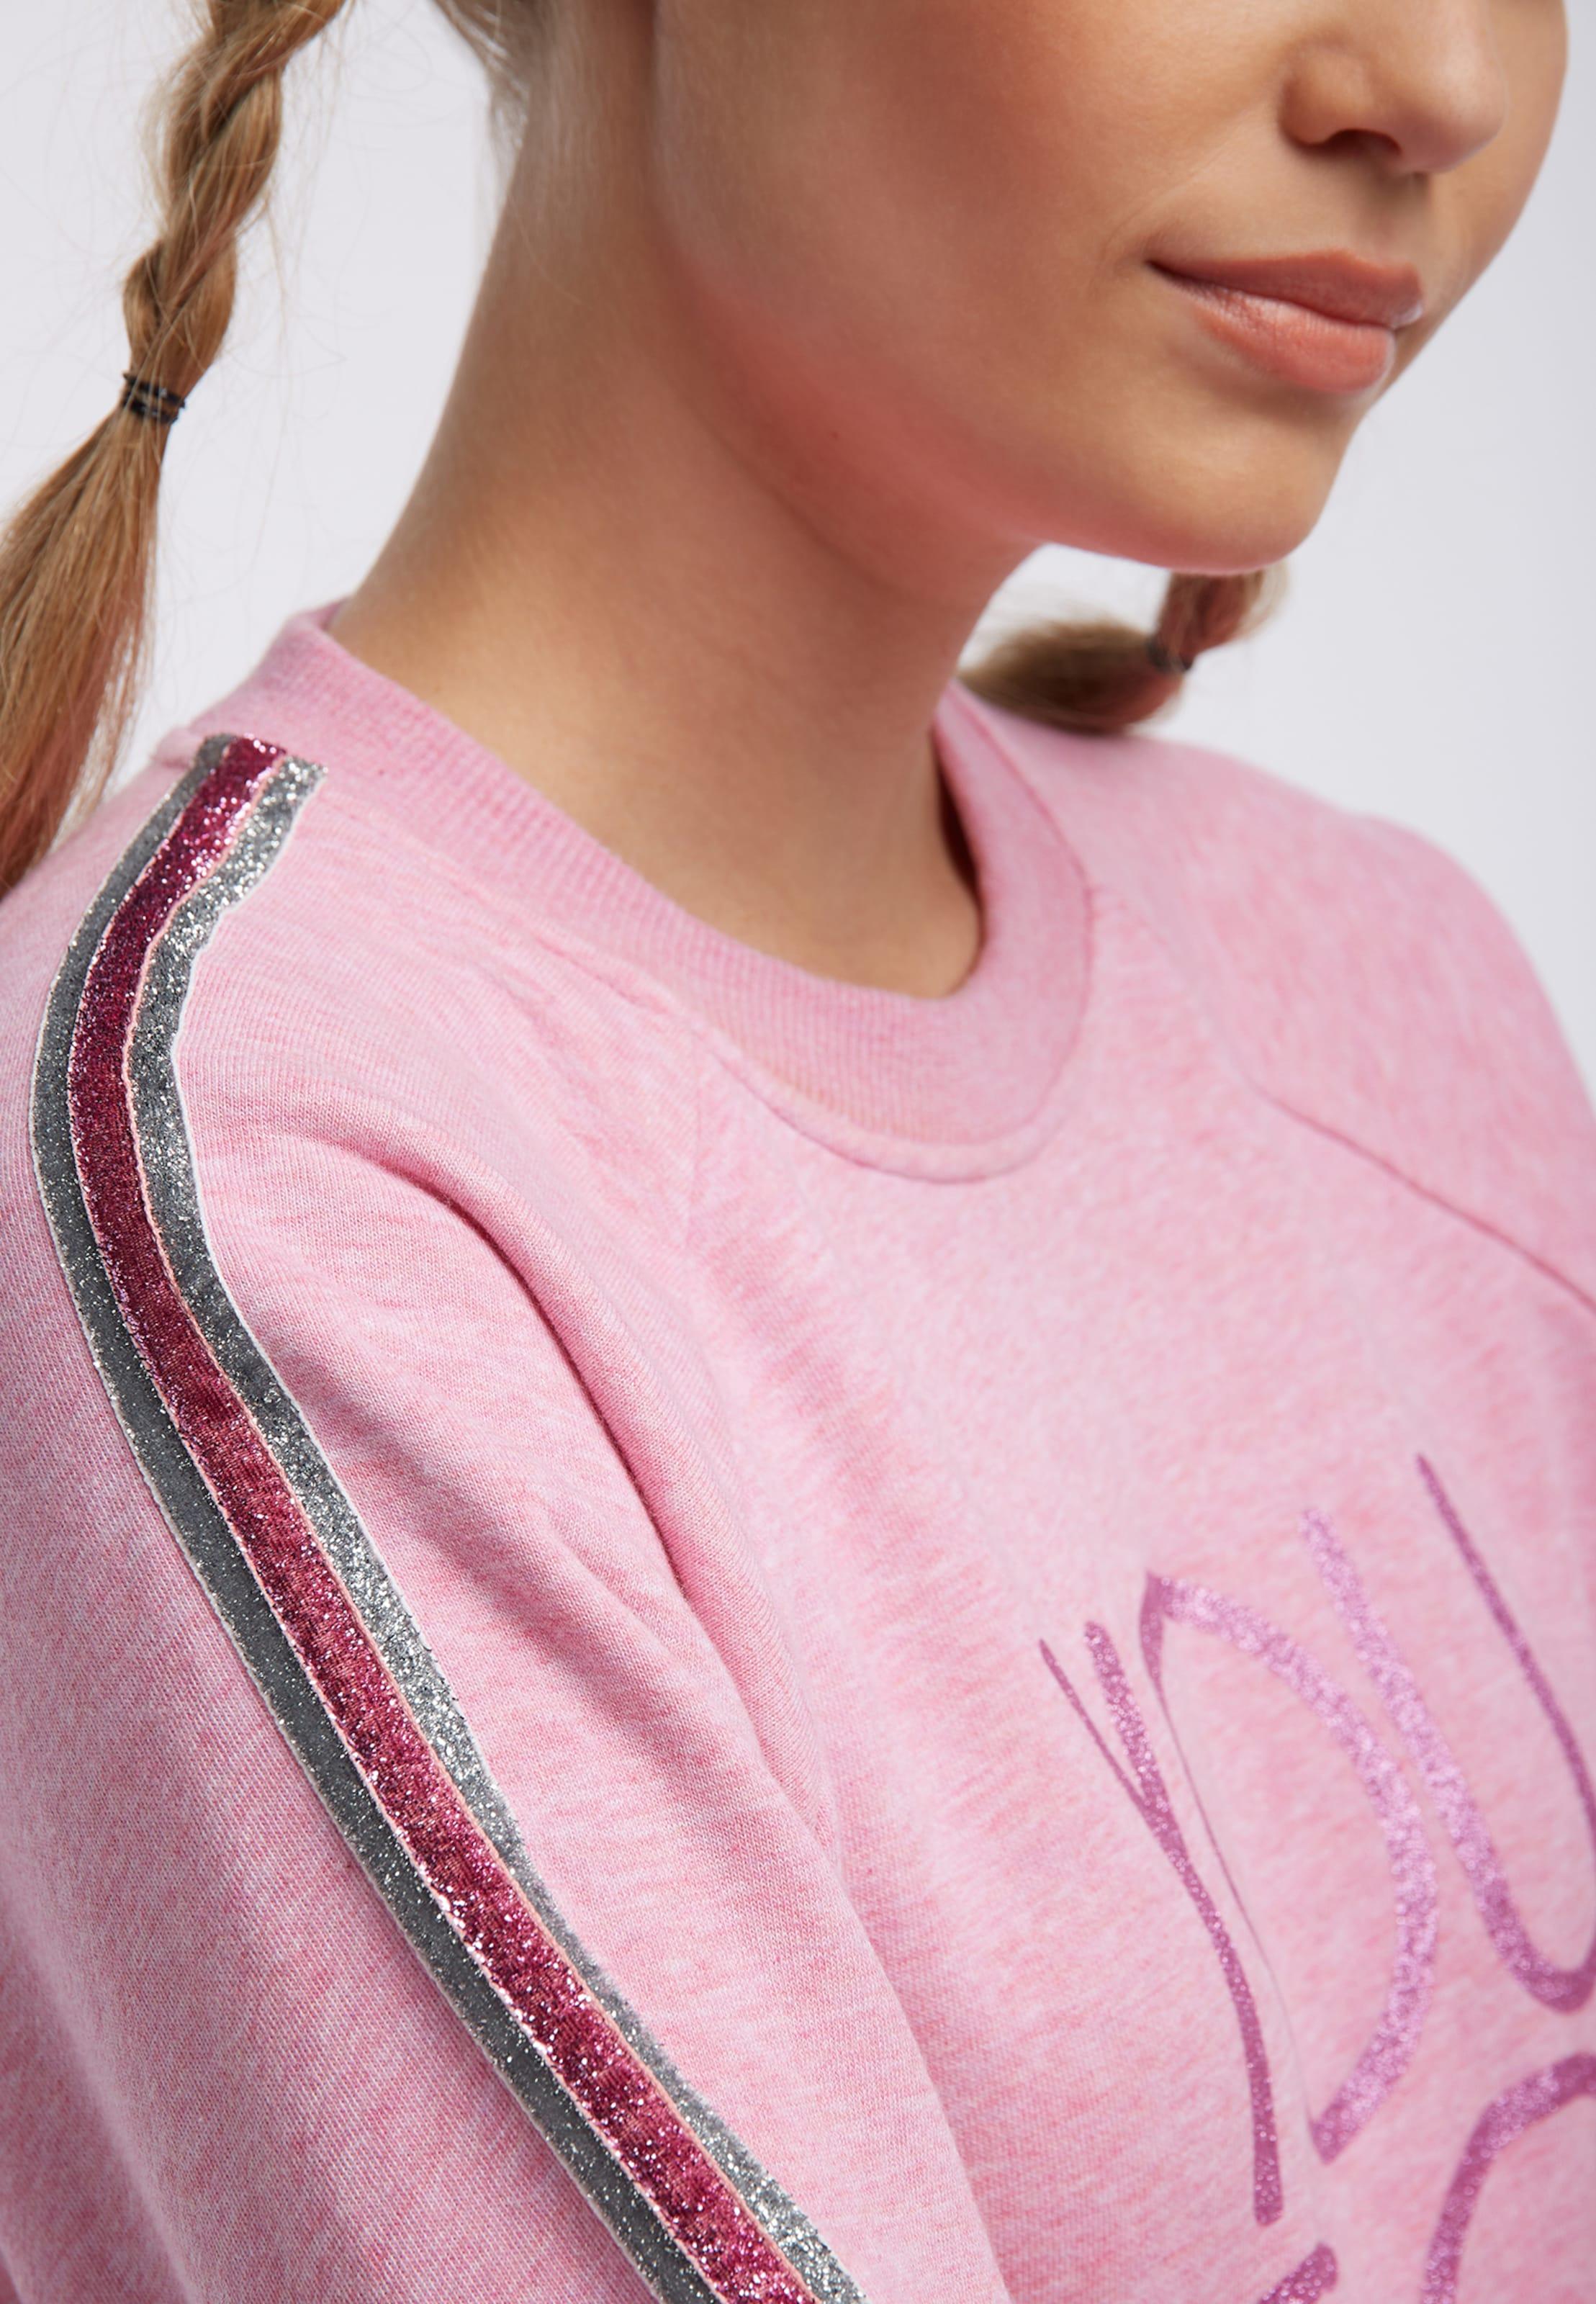 Sweat En Mymo OpalRose shirt Mymo q34A5RLScj